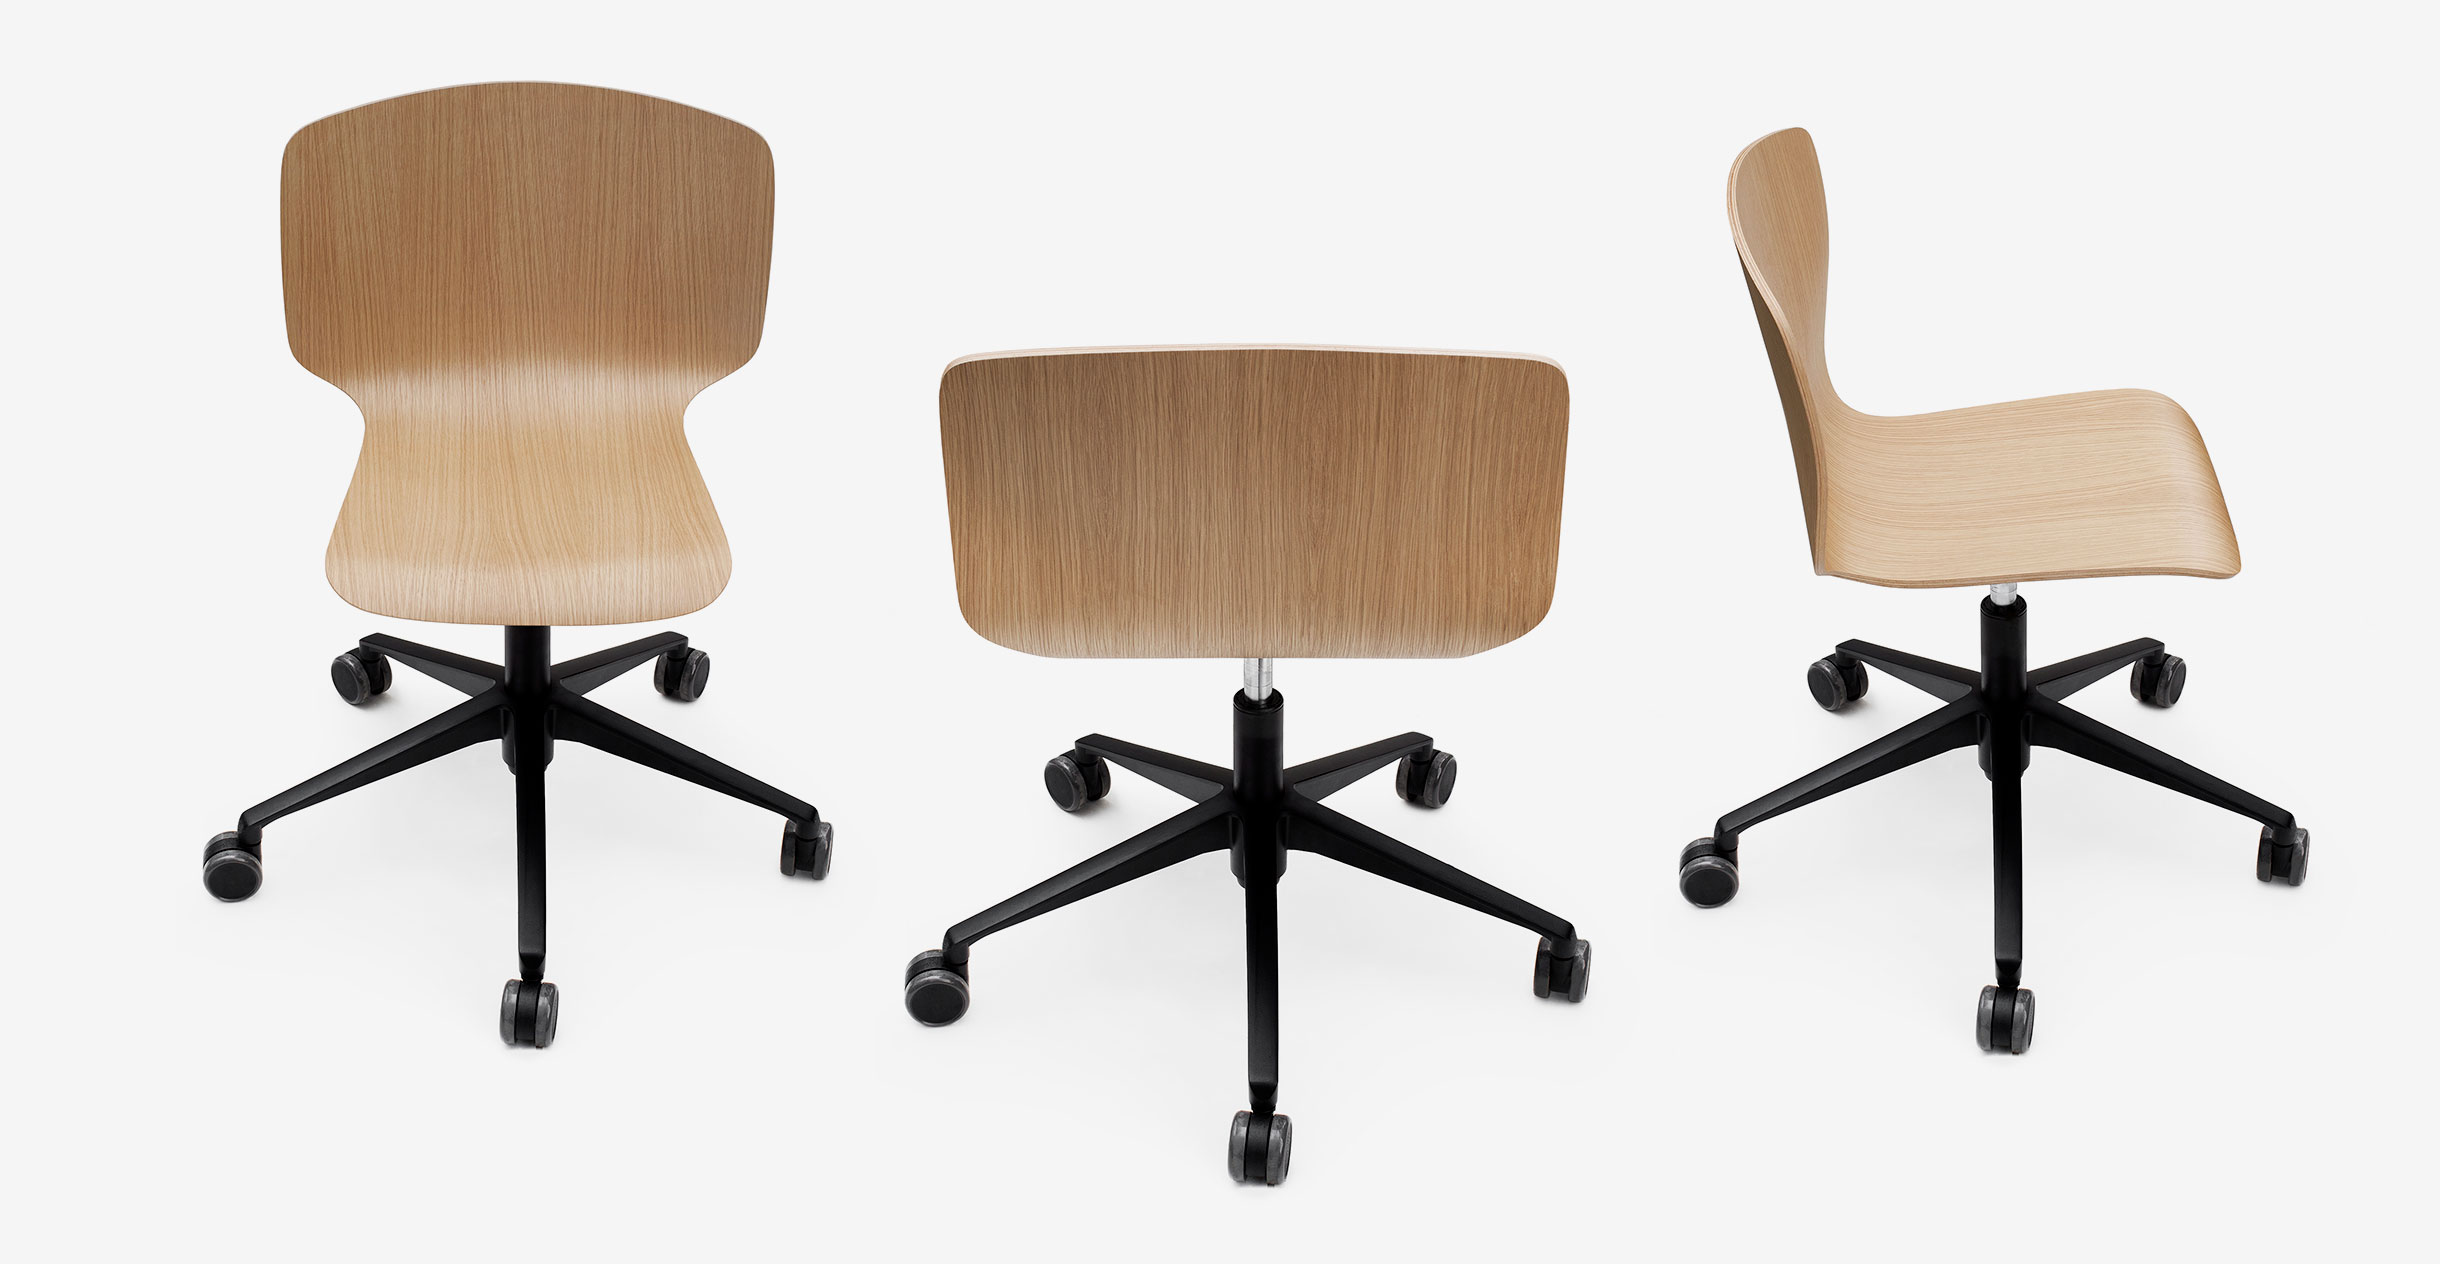 OBJEKTEN_Radar_Chair_SylvainWillenz_1.jpg